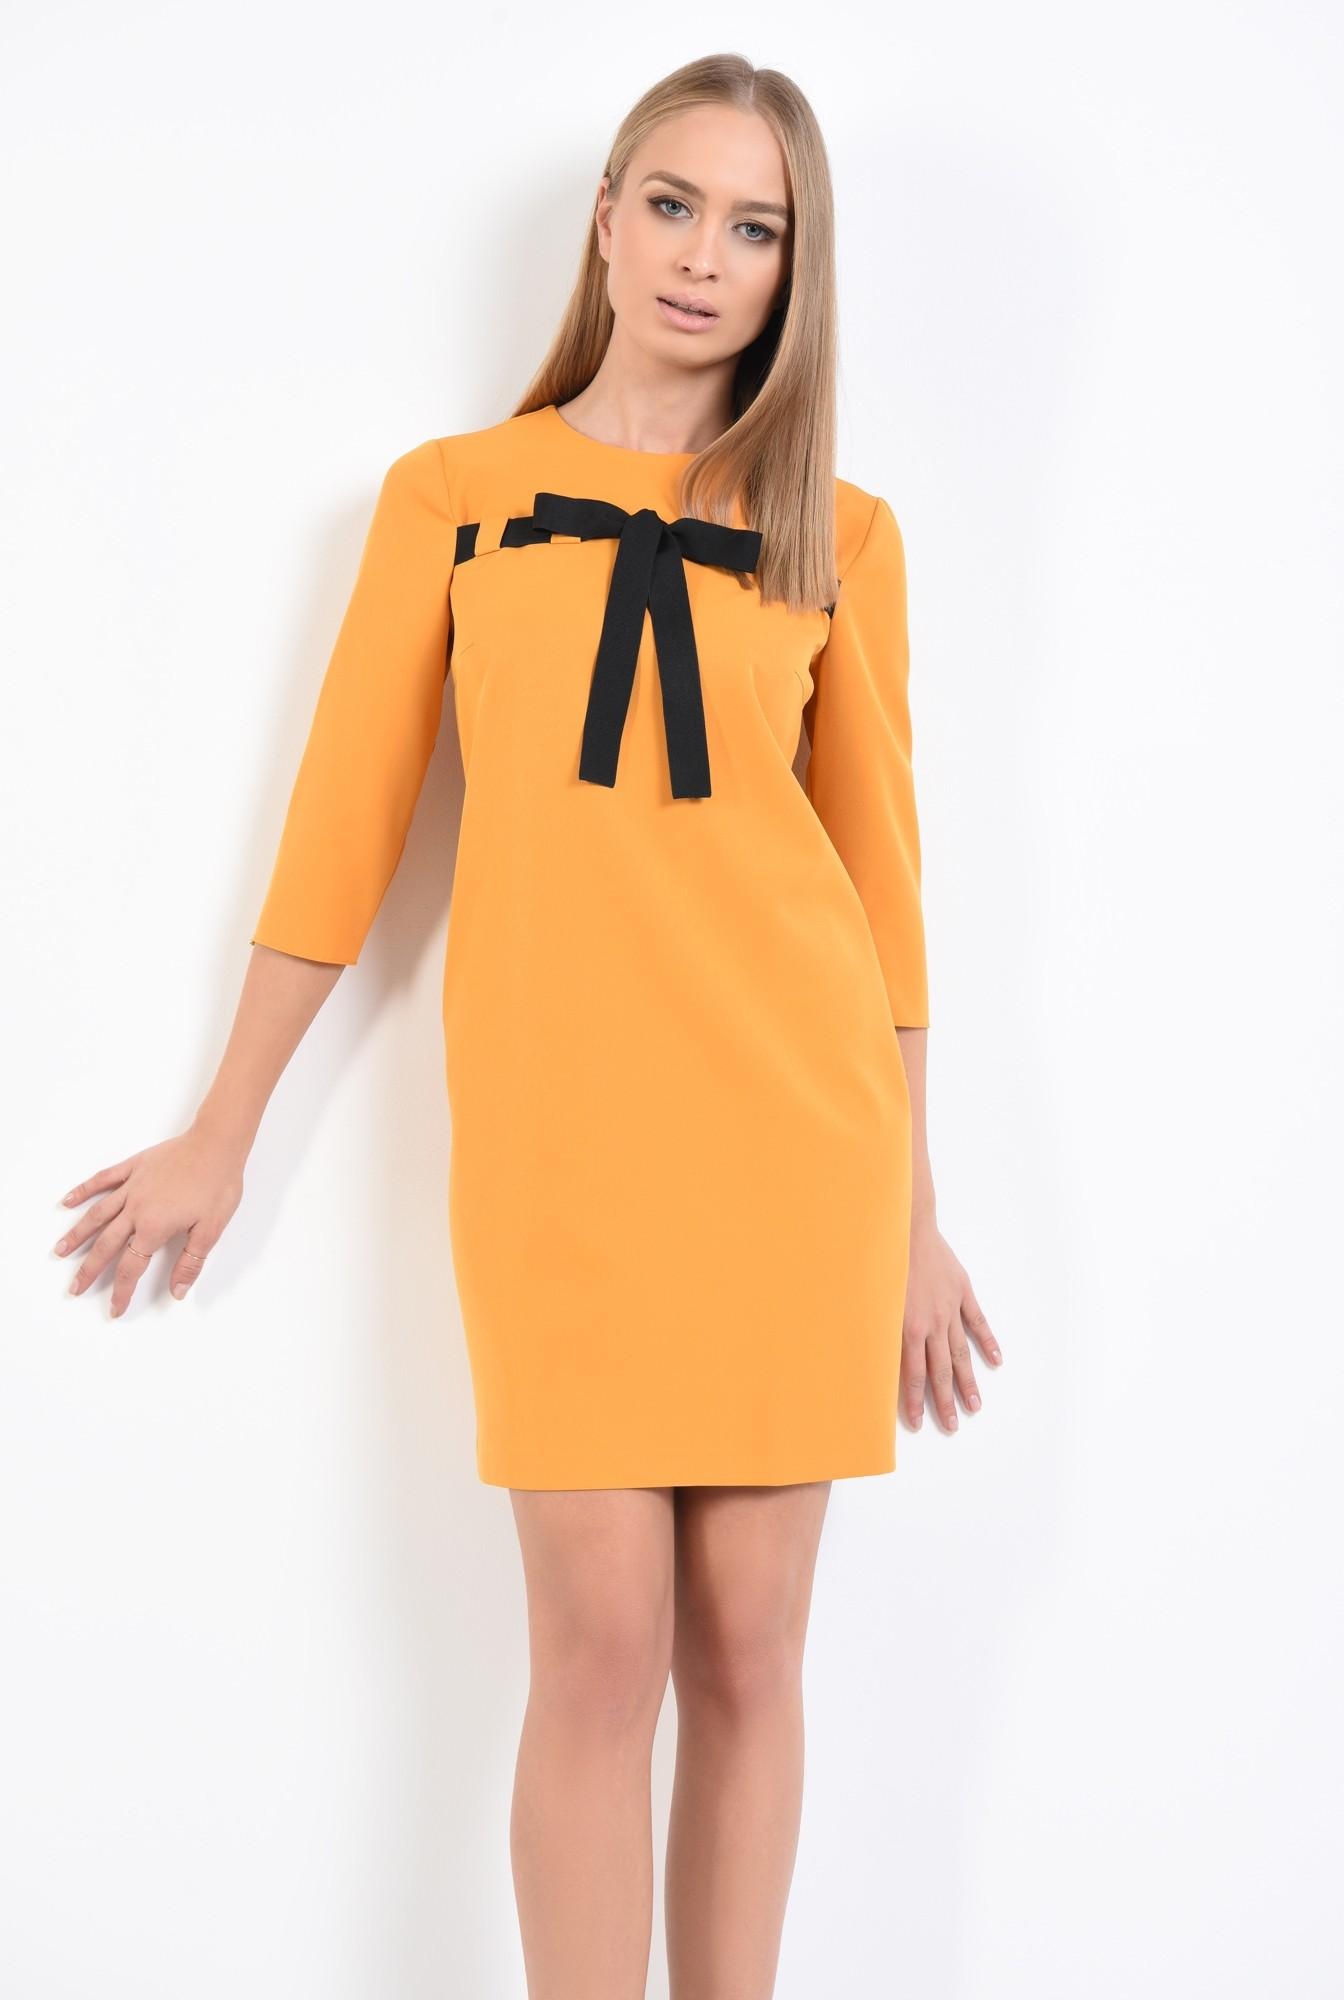 0 - 360 - rochie casual, galben mustar, croi drept lejer, maneci tubulare, rips negru, rochii online